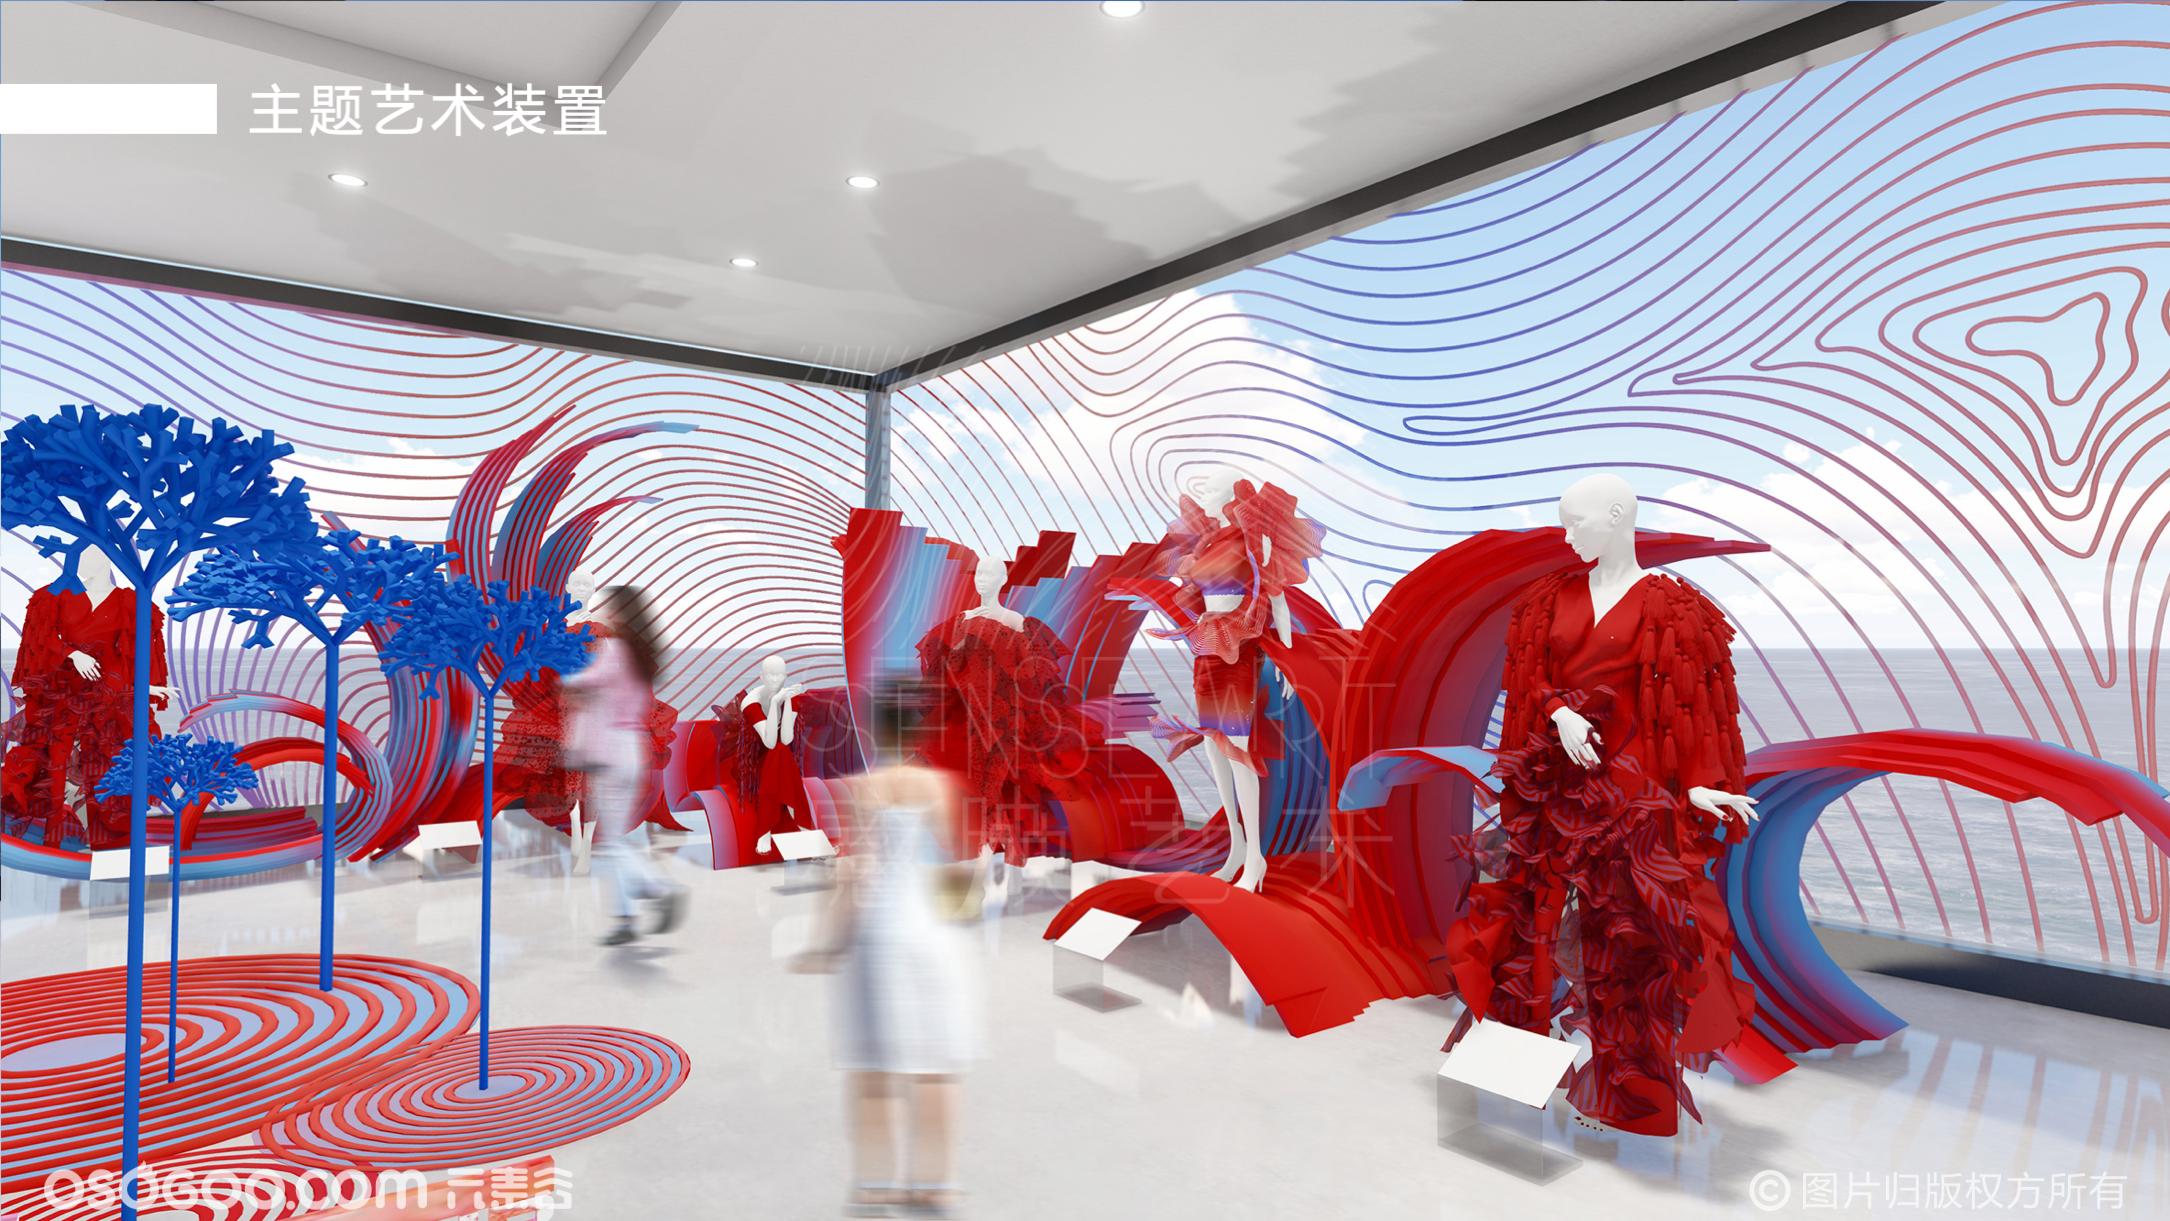 【舞动的颜色】新潮跨界艺术家时尚艺术展